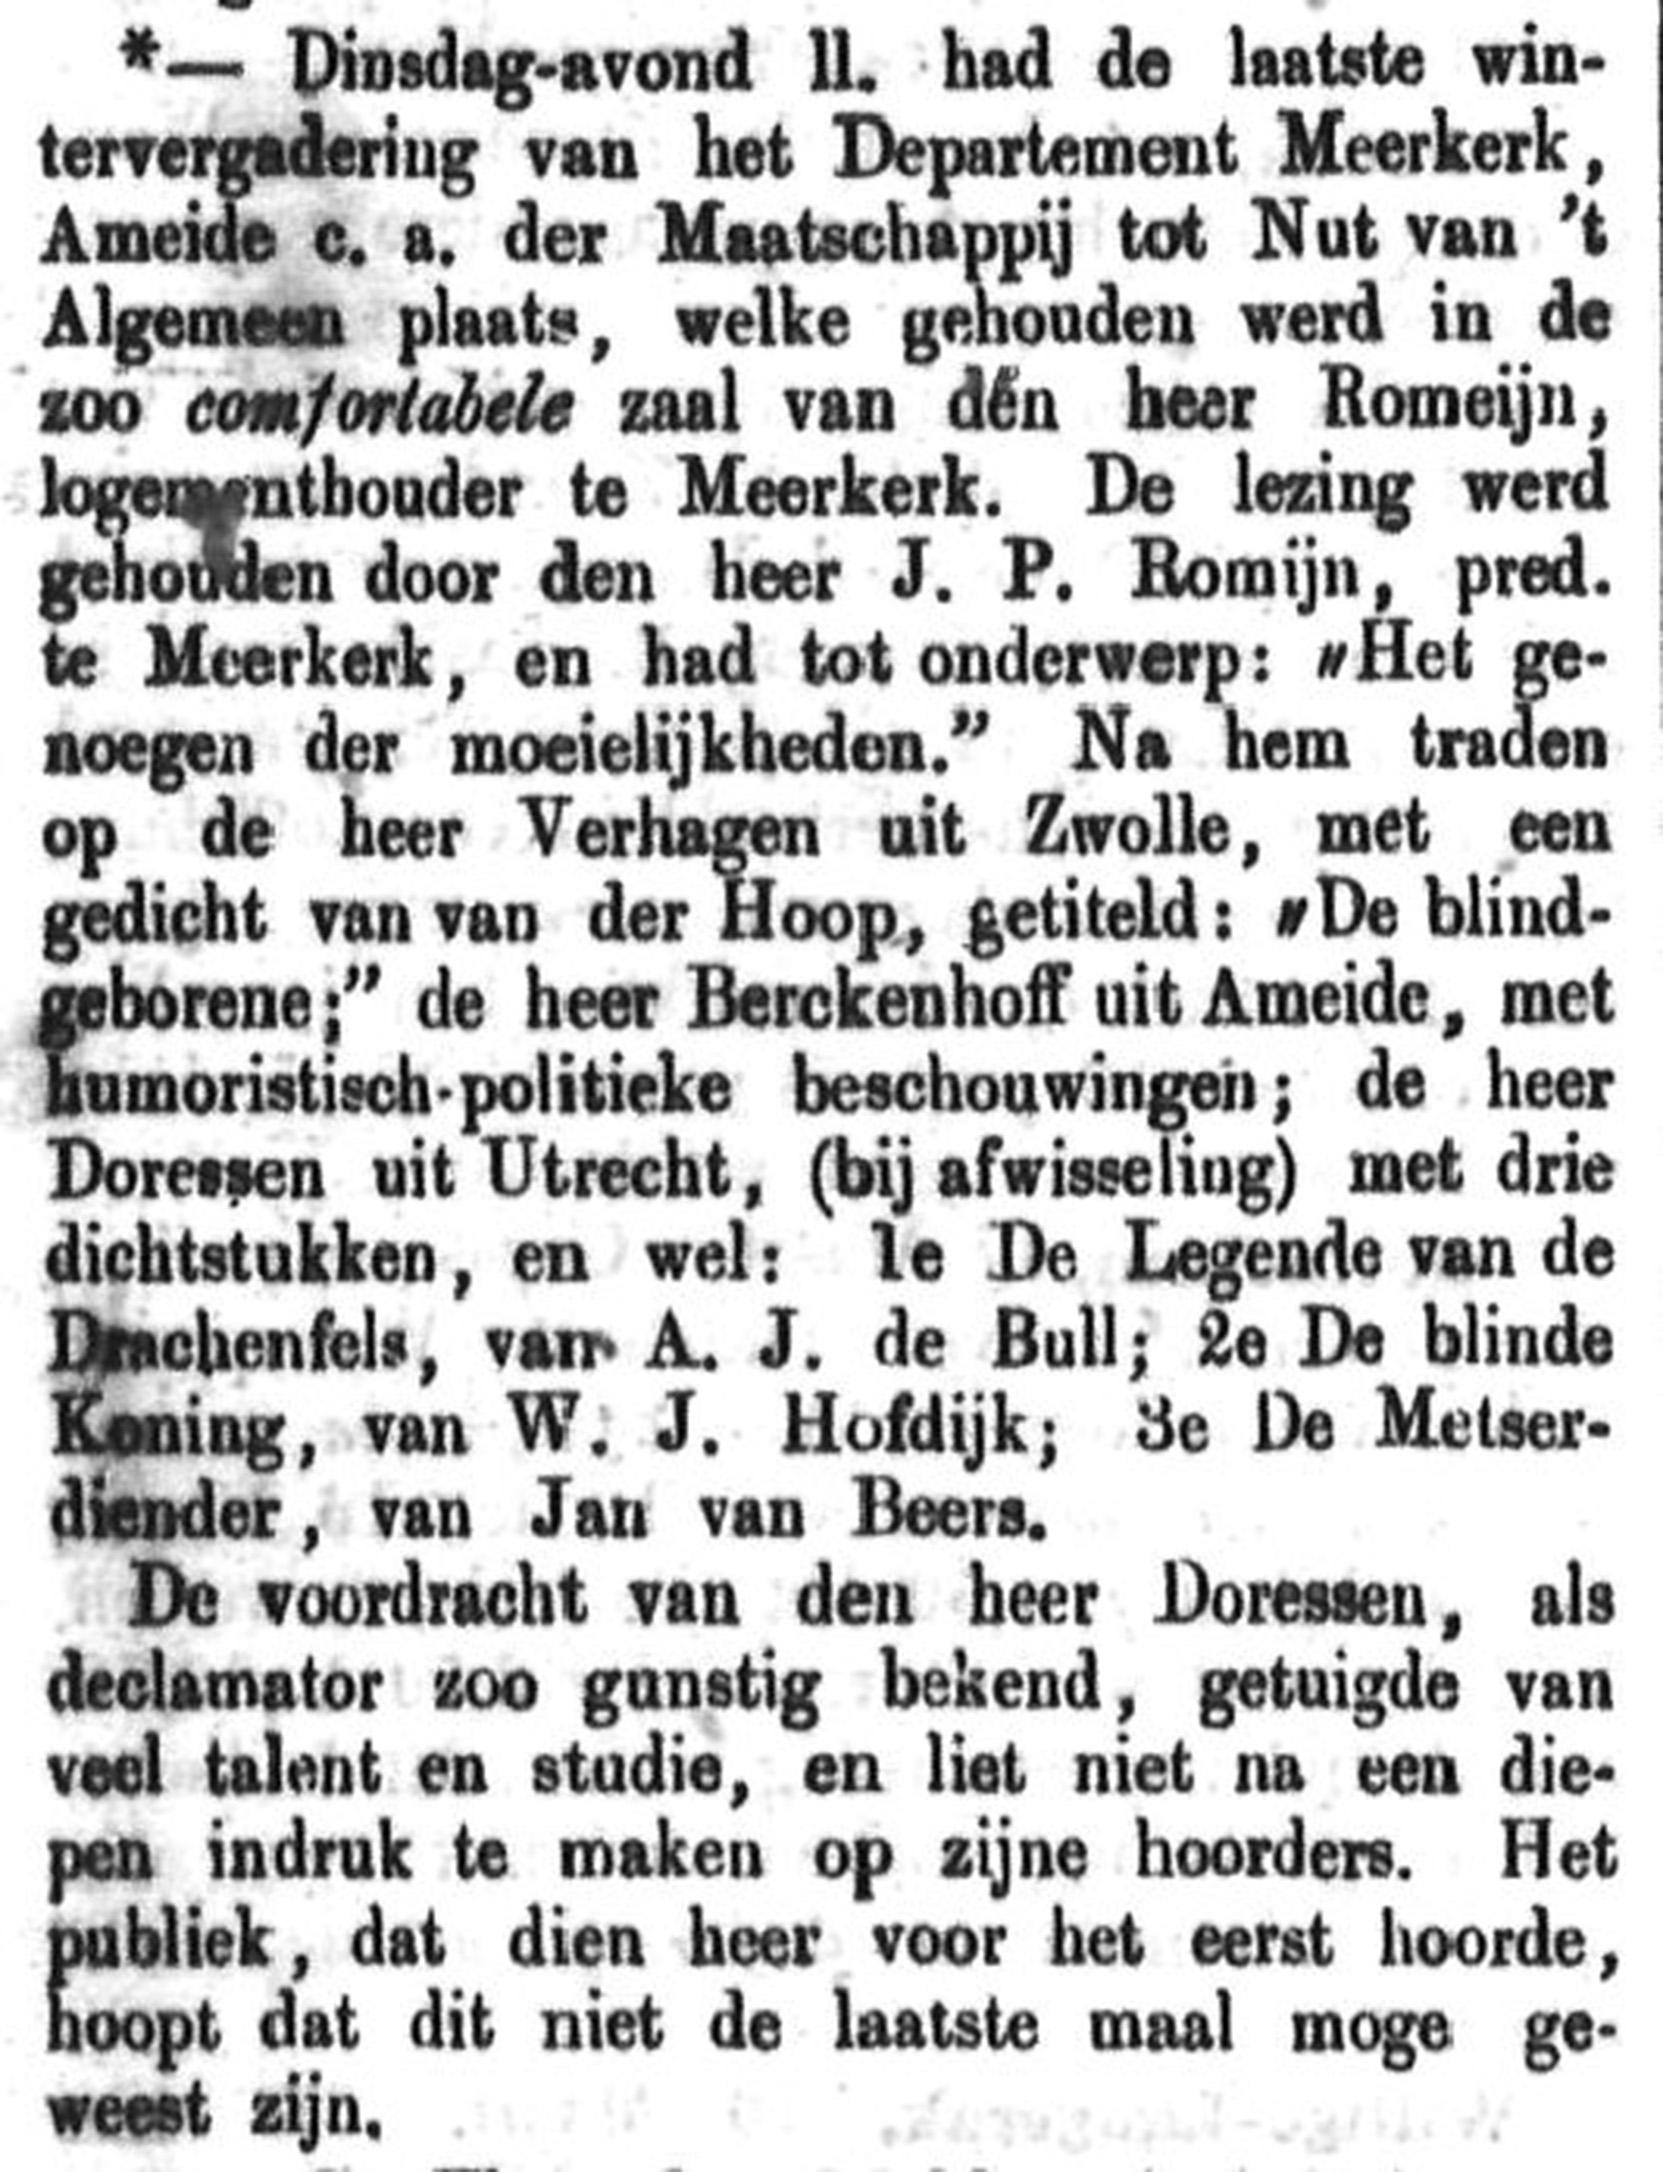 Schoonhovensche Courant 00038 1870-03-20 artikel 1